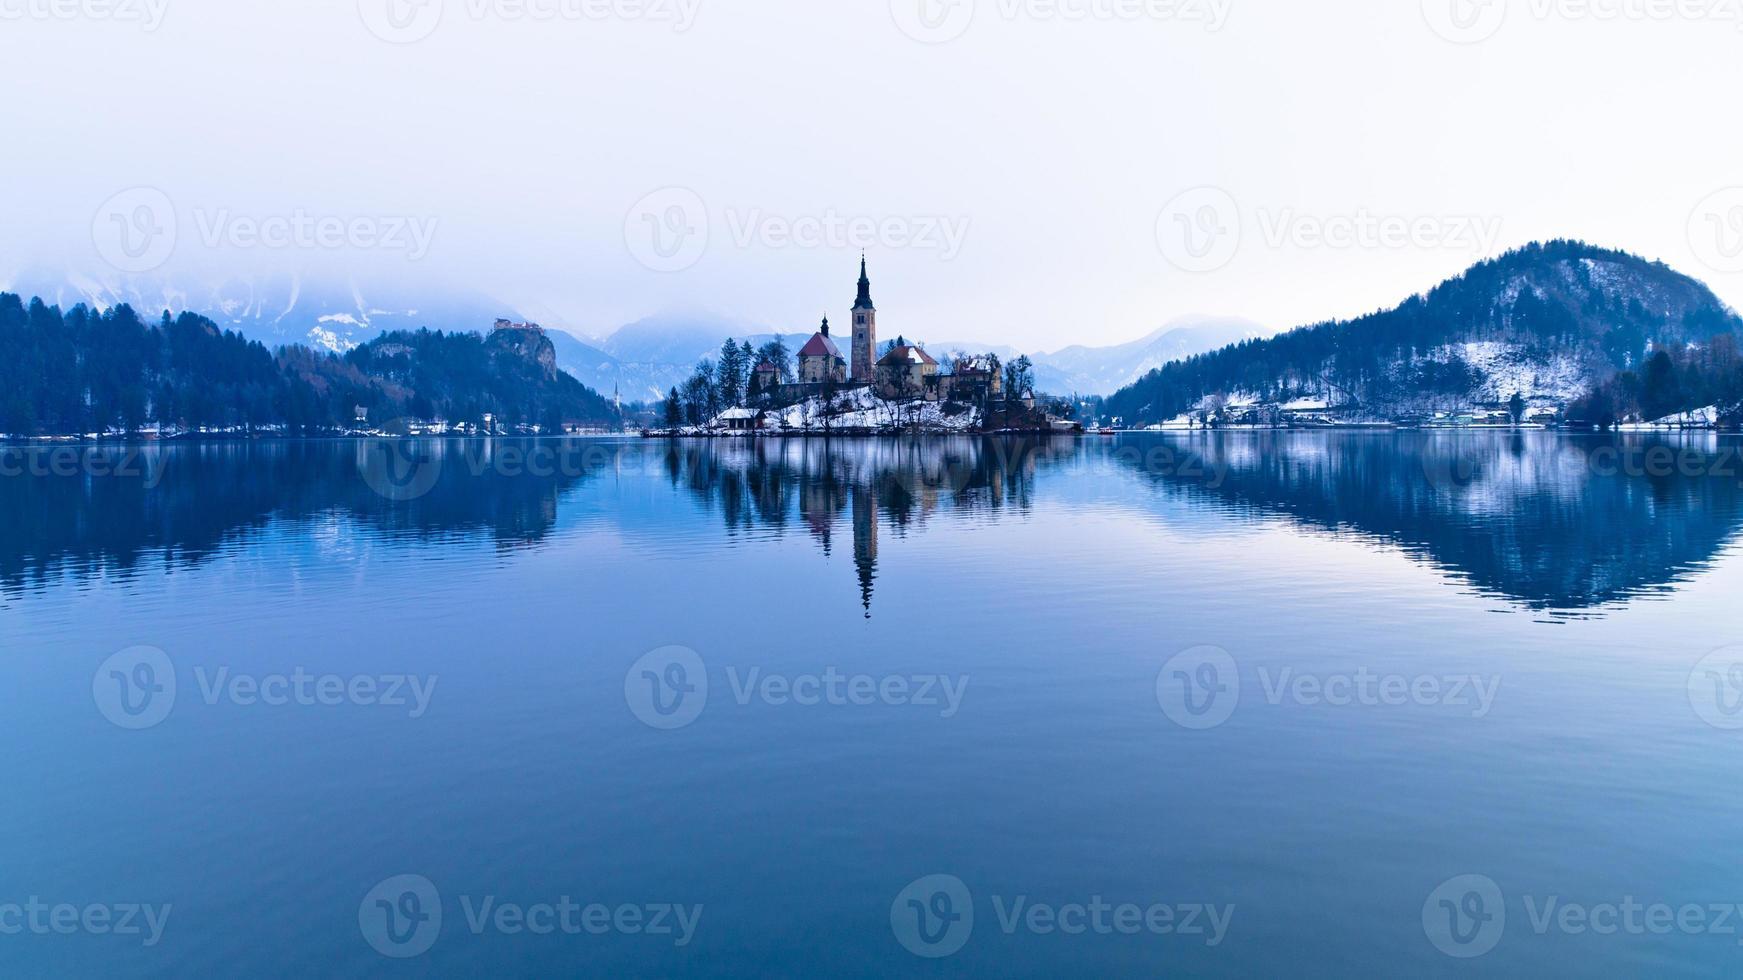 simetria perfeita de um lago e uma igreja em uma pequena ilha foto